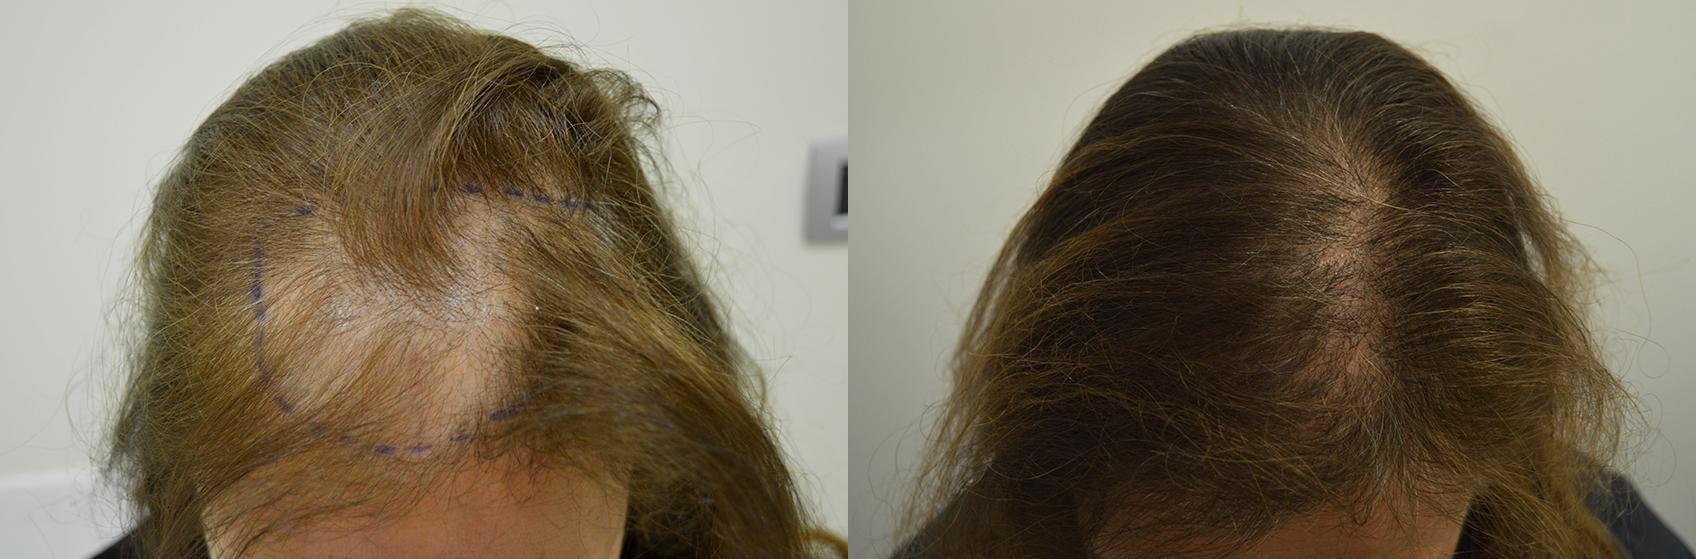 Trapianto capelli: alopecia femminile - Istituto Helvetico ...